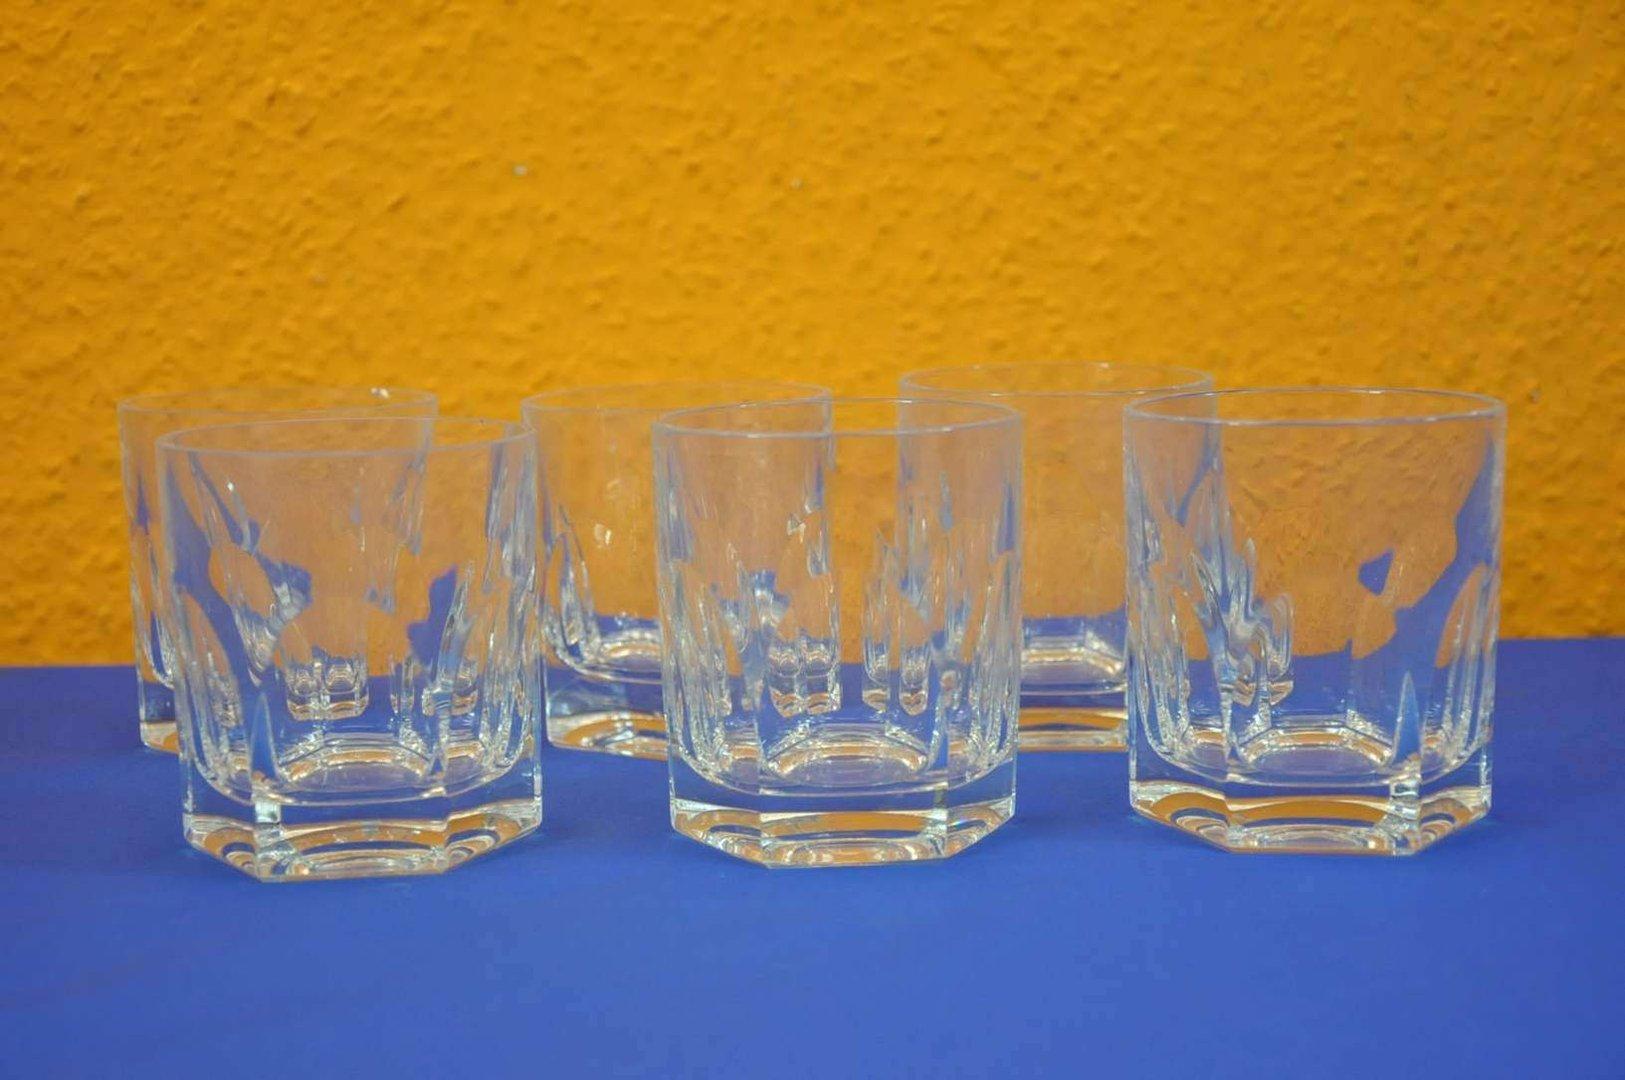 nachman whisky glass